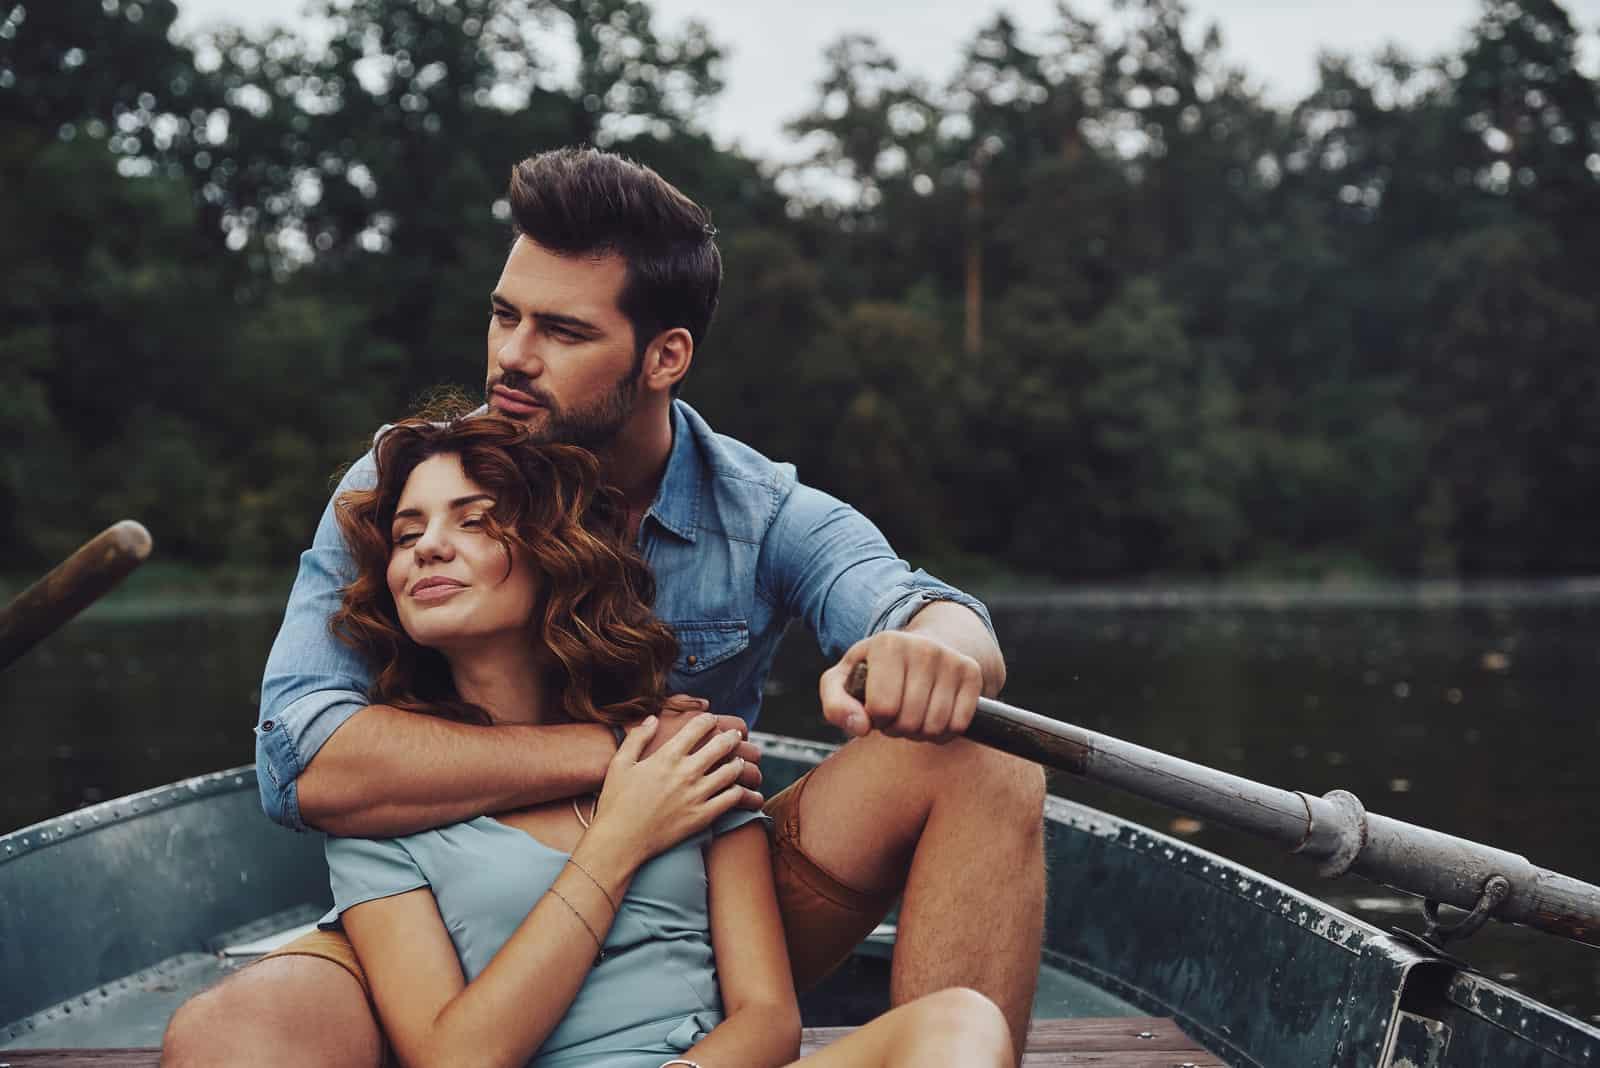 Schönes junges Paar, das sich umarmt und wegschaut, während es ein romantisches Date auf dem See genießt